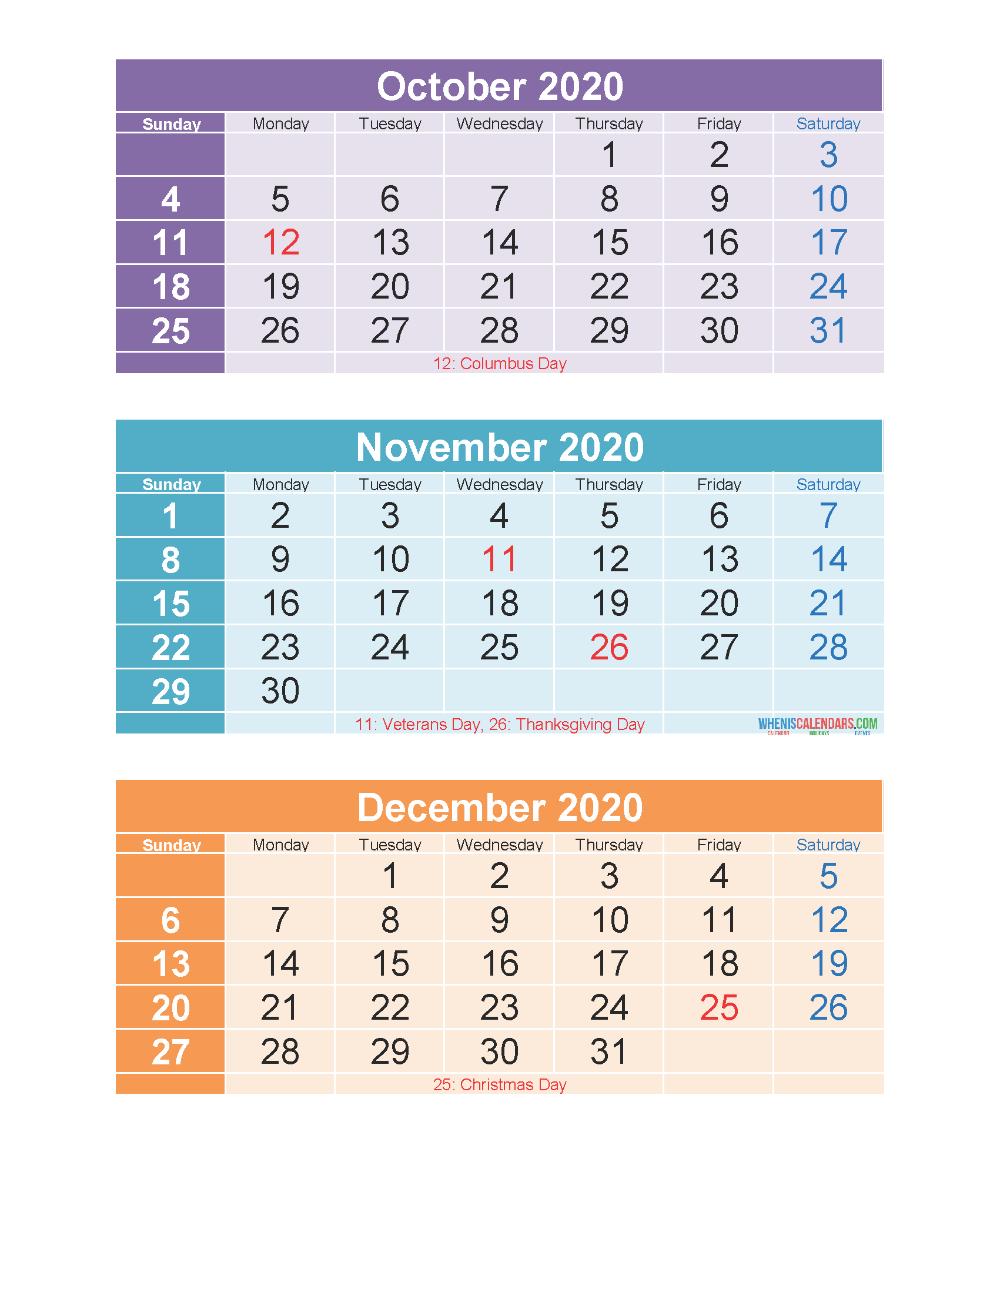 Free Printable 3 Month Calendar 2020 Oct Nov Dec Pdf Excel Free Printable 2020 Calendar Templates Calendar May Calendar Template Calendar 2020